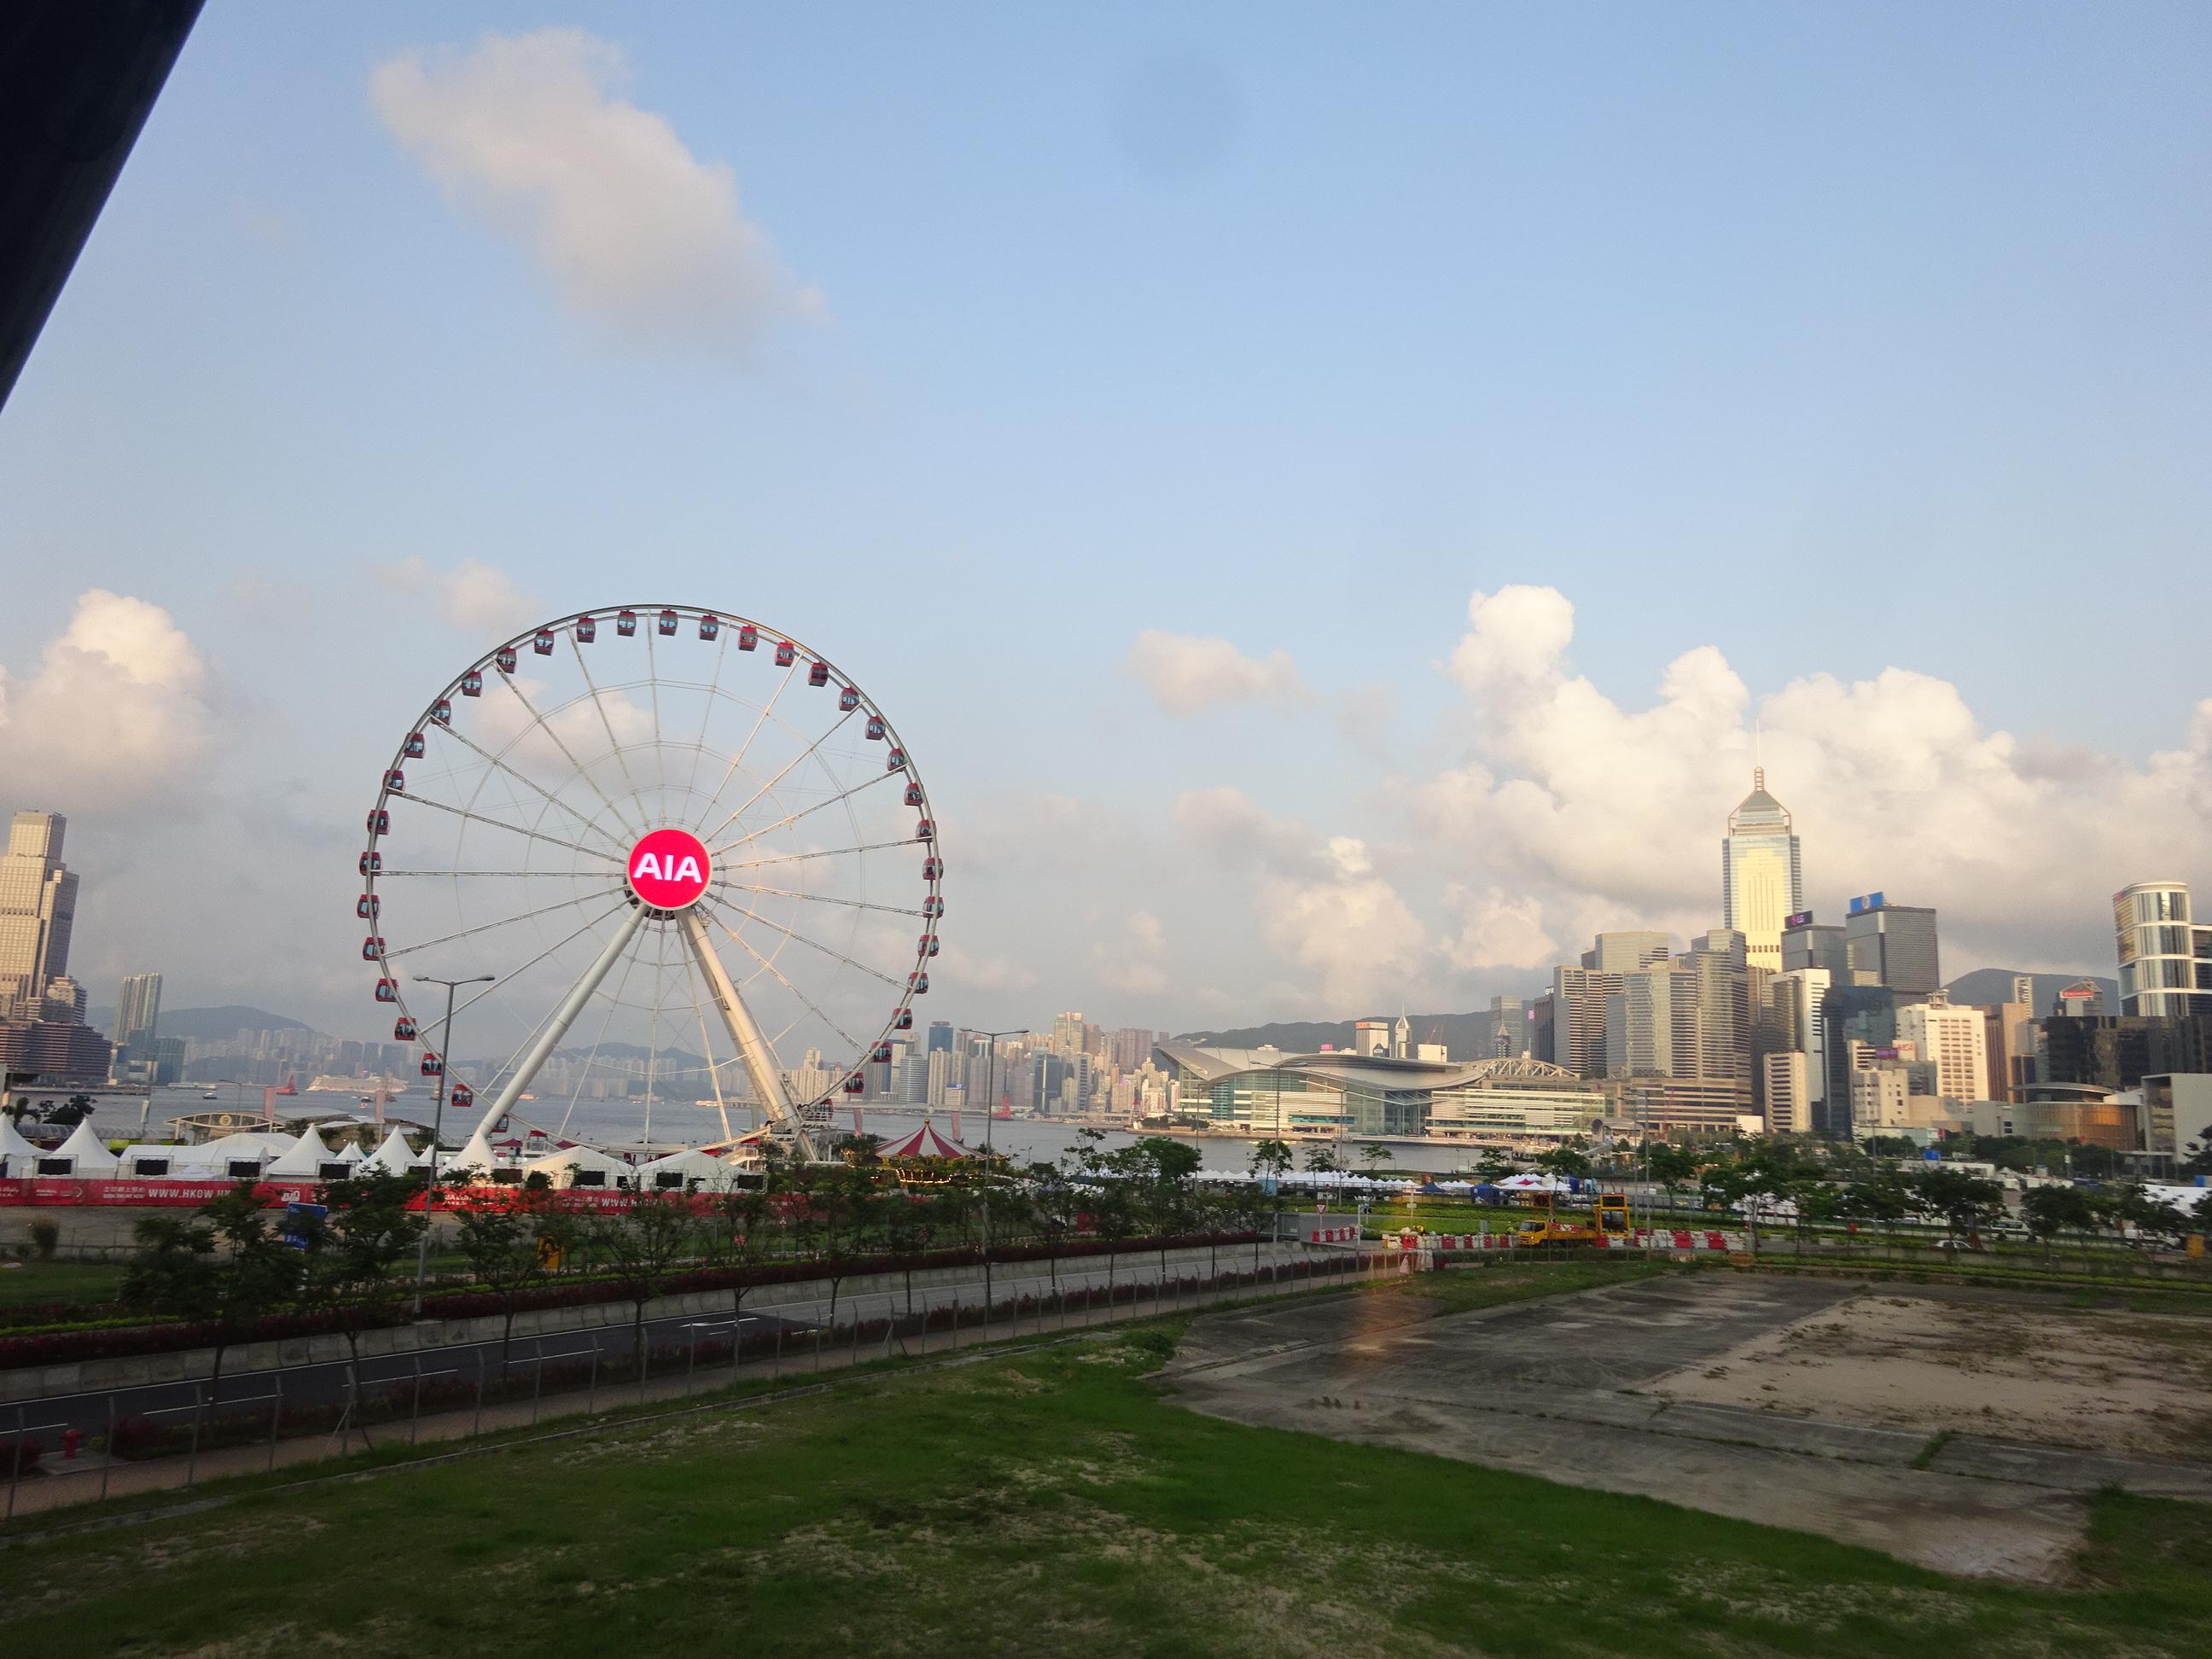 横浜のみなとみらいっぽいスターフェリー(天星小輪・Star Ferry)乗り場付近の景色